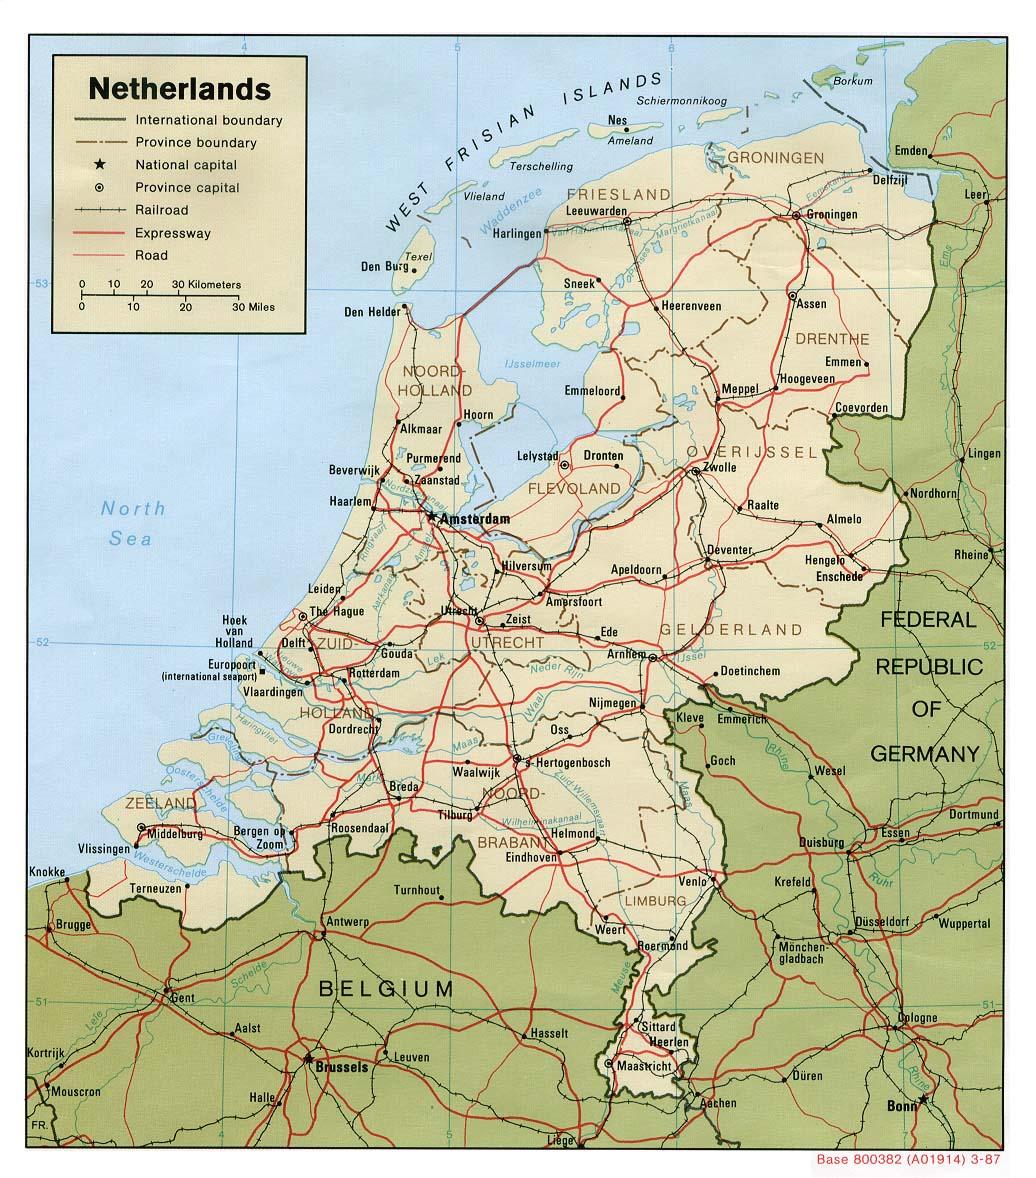 Karte Von Holland Landkarte Niederlande.Landkarte Niederlande Politische Karte Weltkarte Com Karten